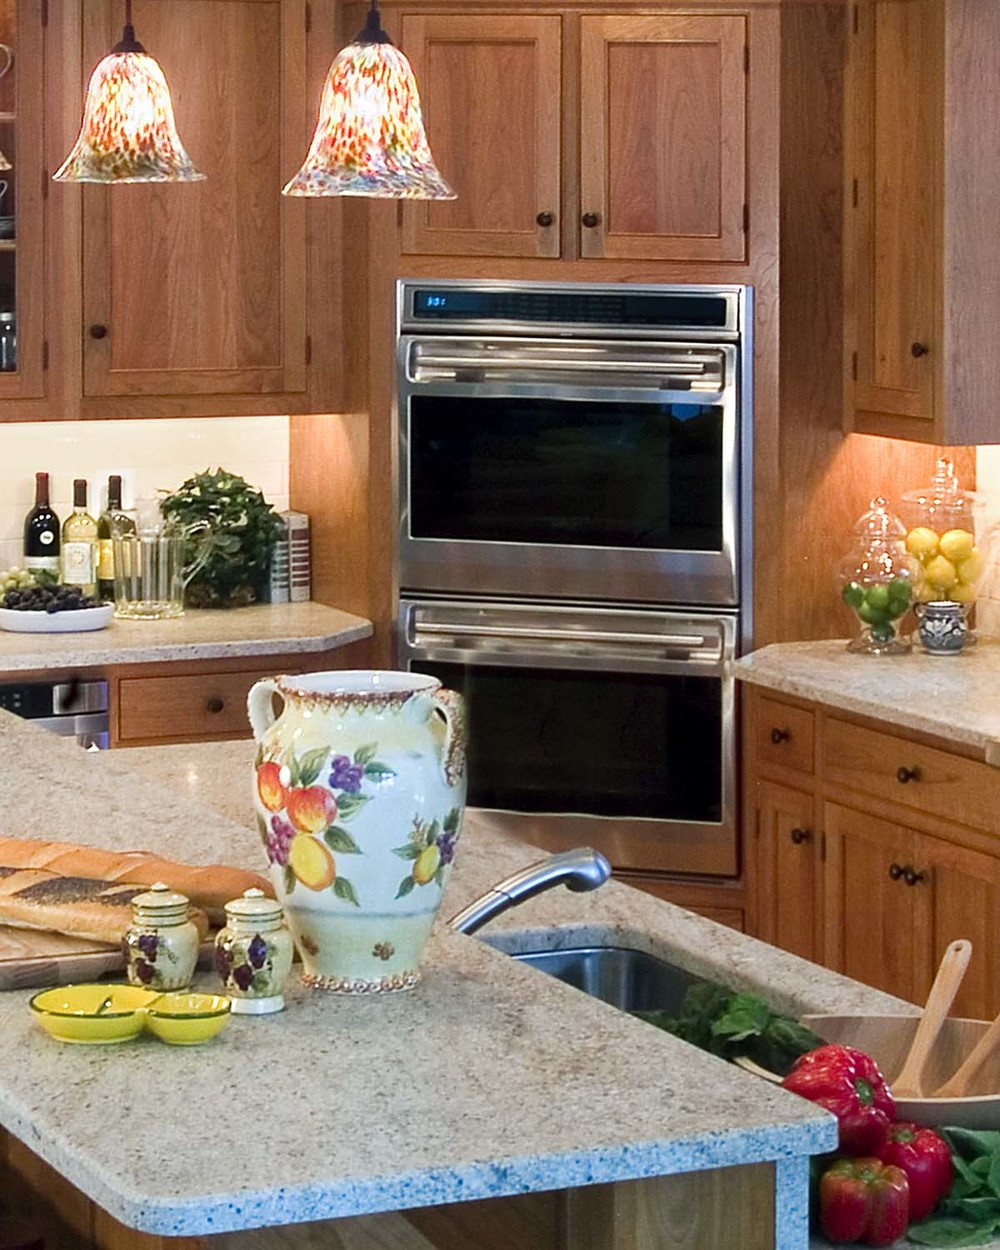 KitchenOvensDetail.jpg